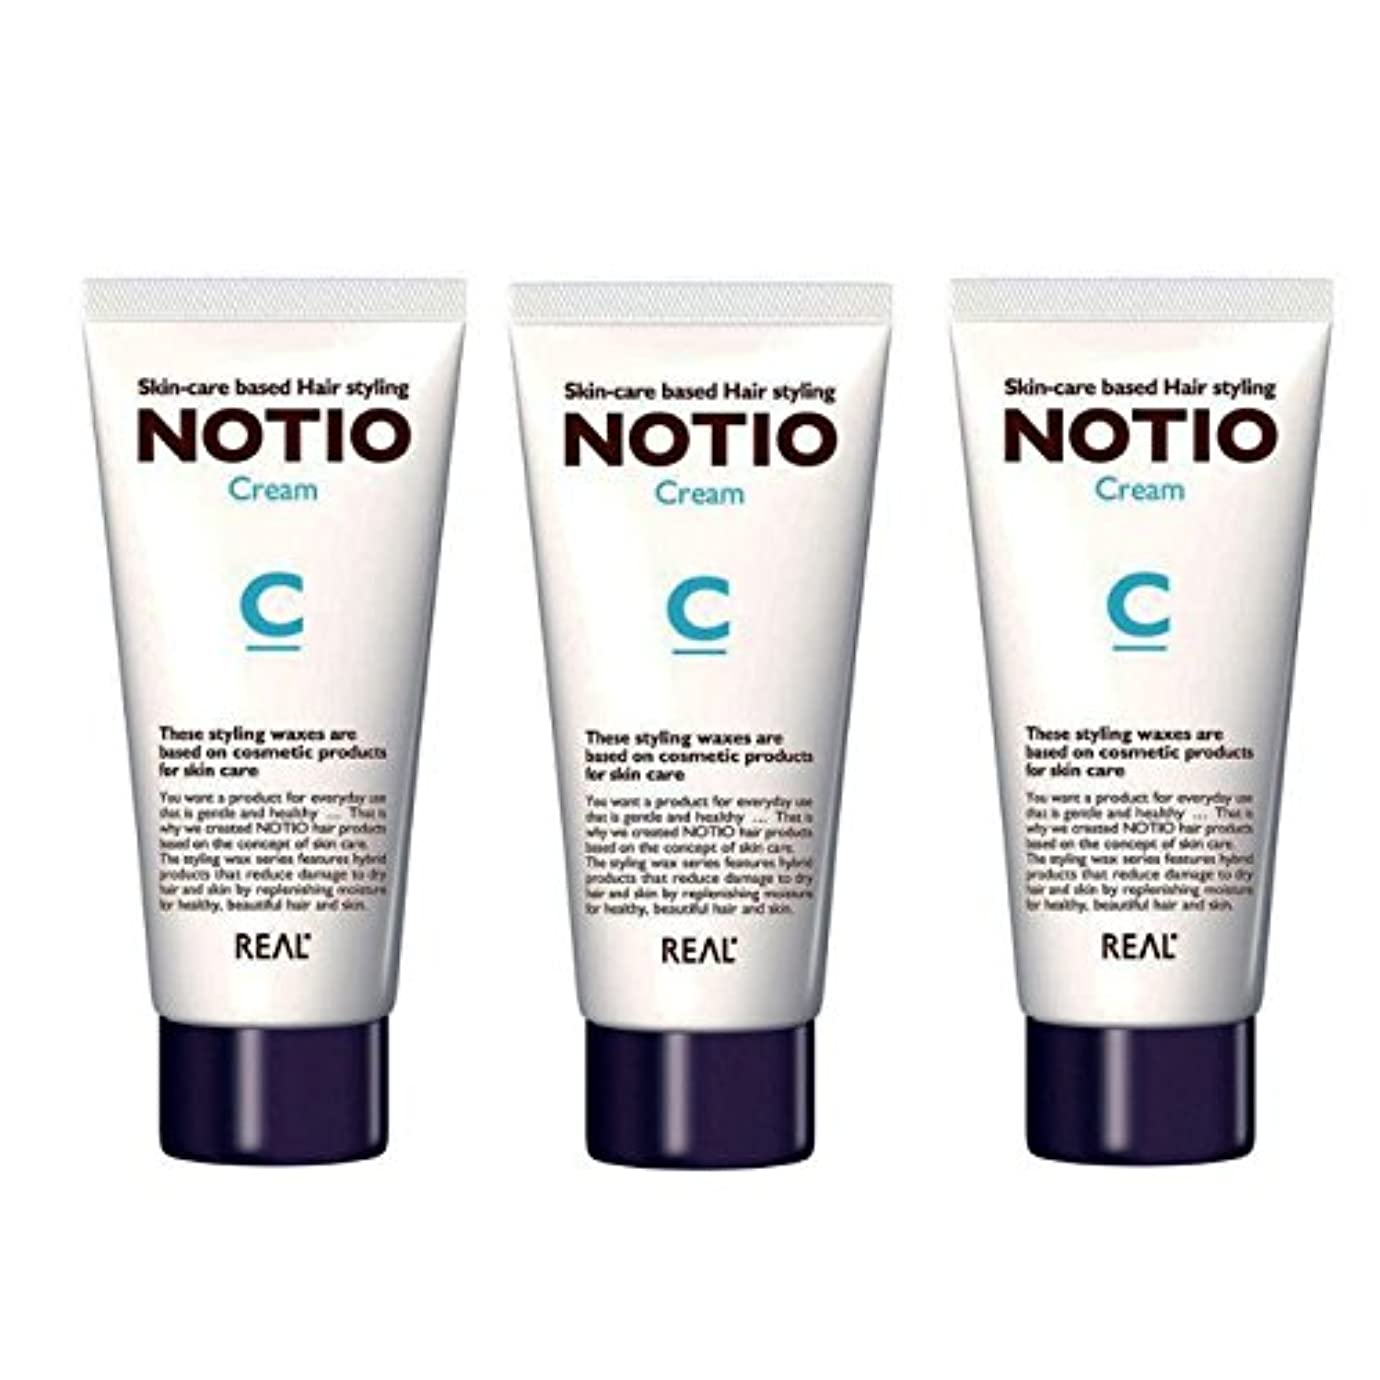 脱臼するスローガンチーフ【3個セット】NOTIO Cream ノティオ クリーム ( ヘアスタイリング?ハンドクリーム ) 90g